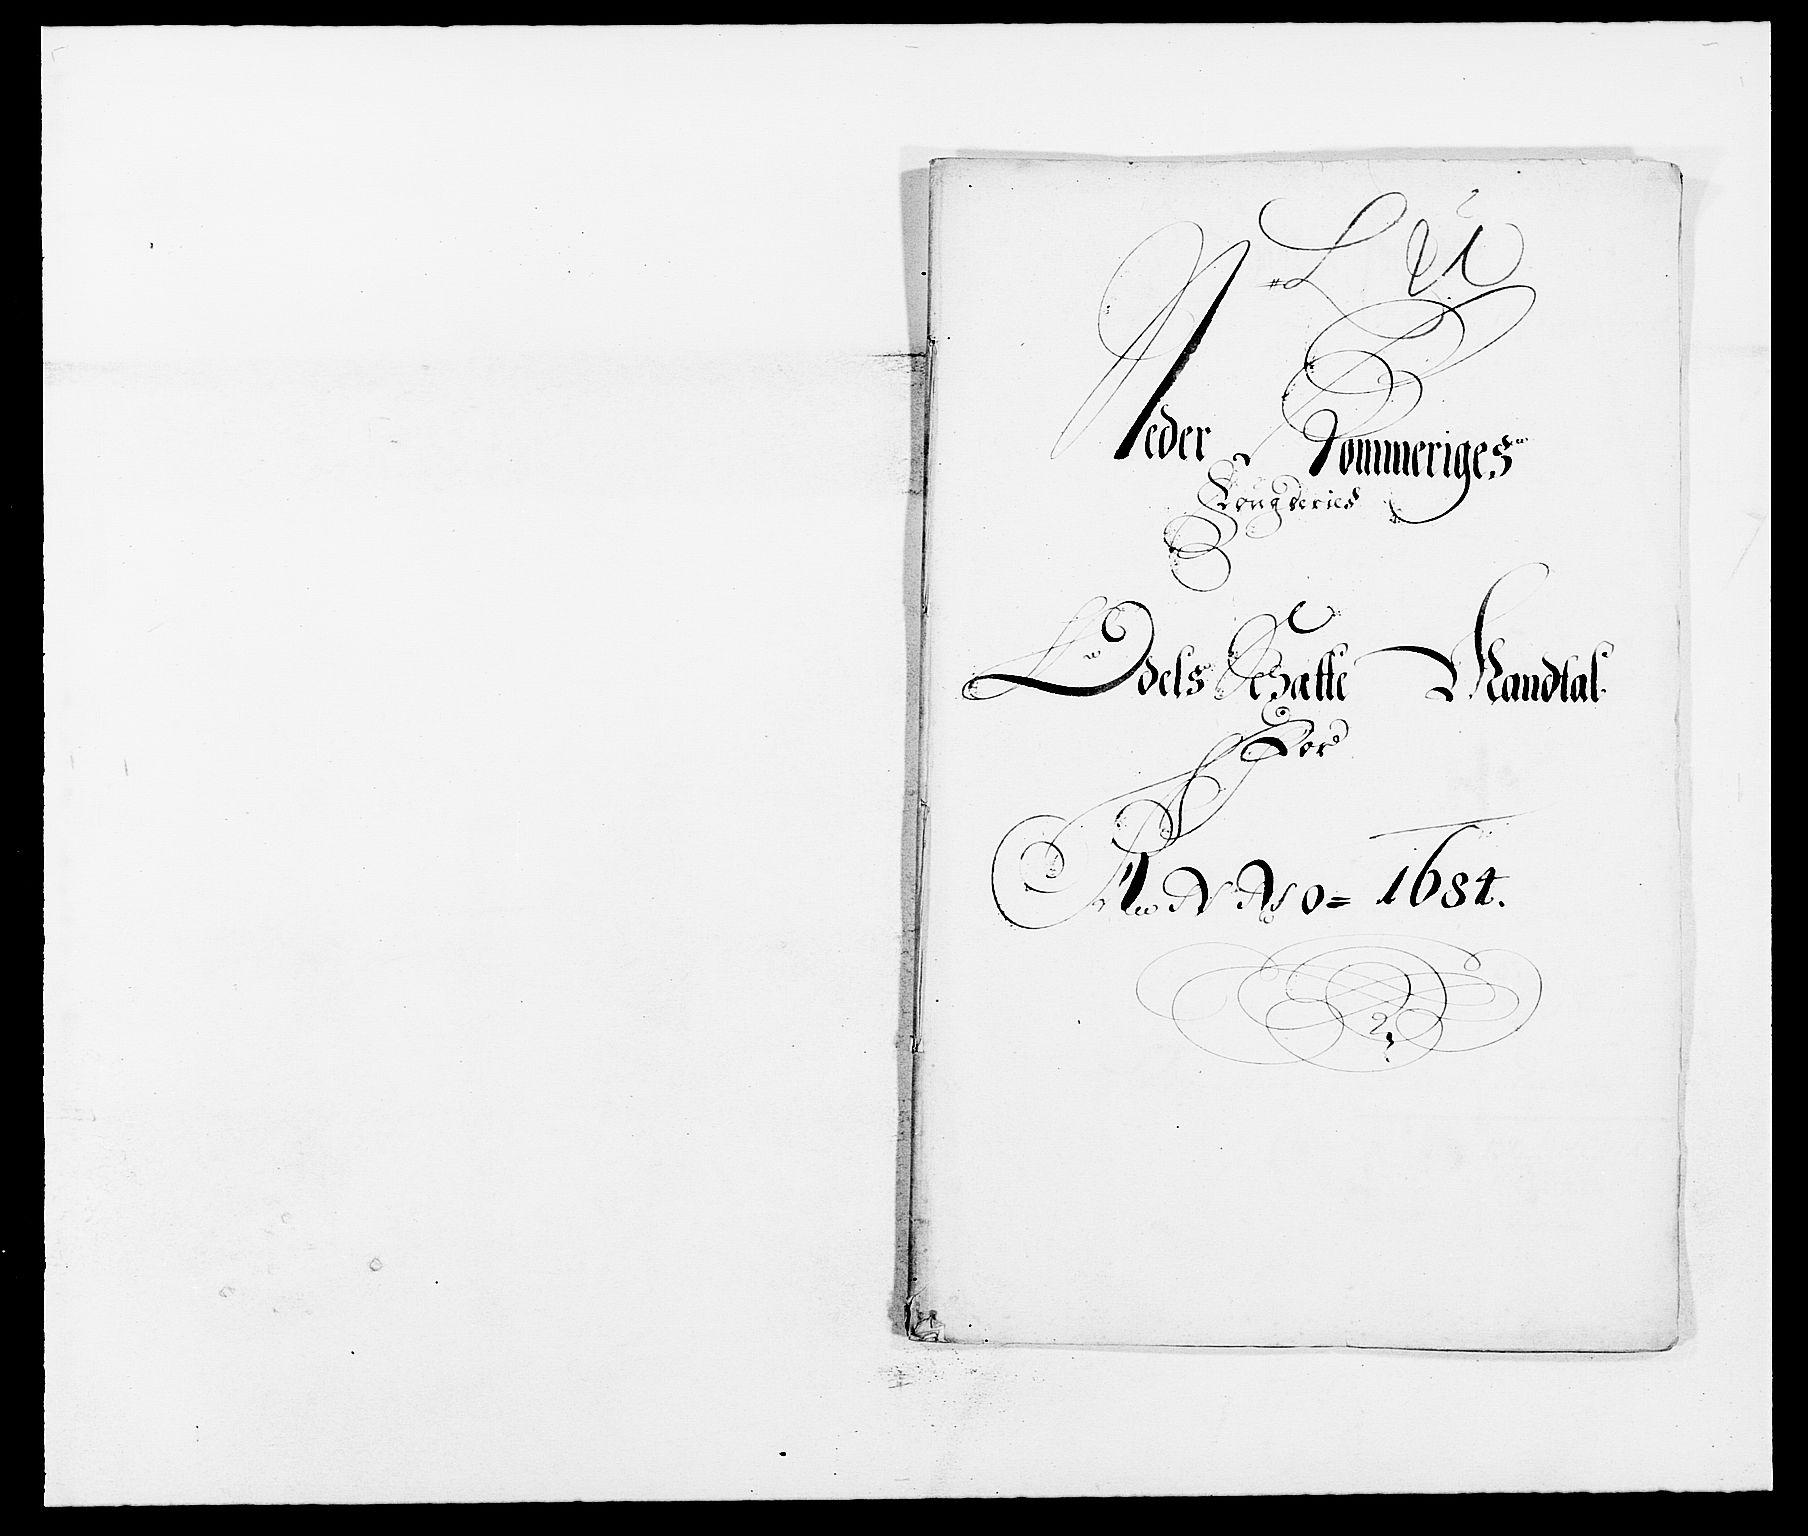 RA, Rentekammeret inntil 1814, Reviderte regnskaper, Fogderegnskap, R11/L0571: Fogderegnskap Nedre Romerike, 1683-1685, s. 208